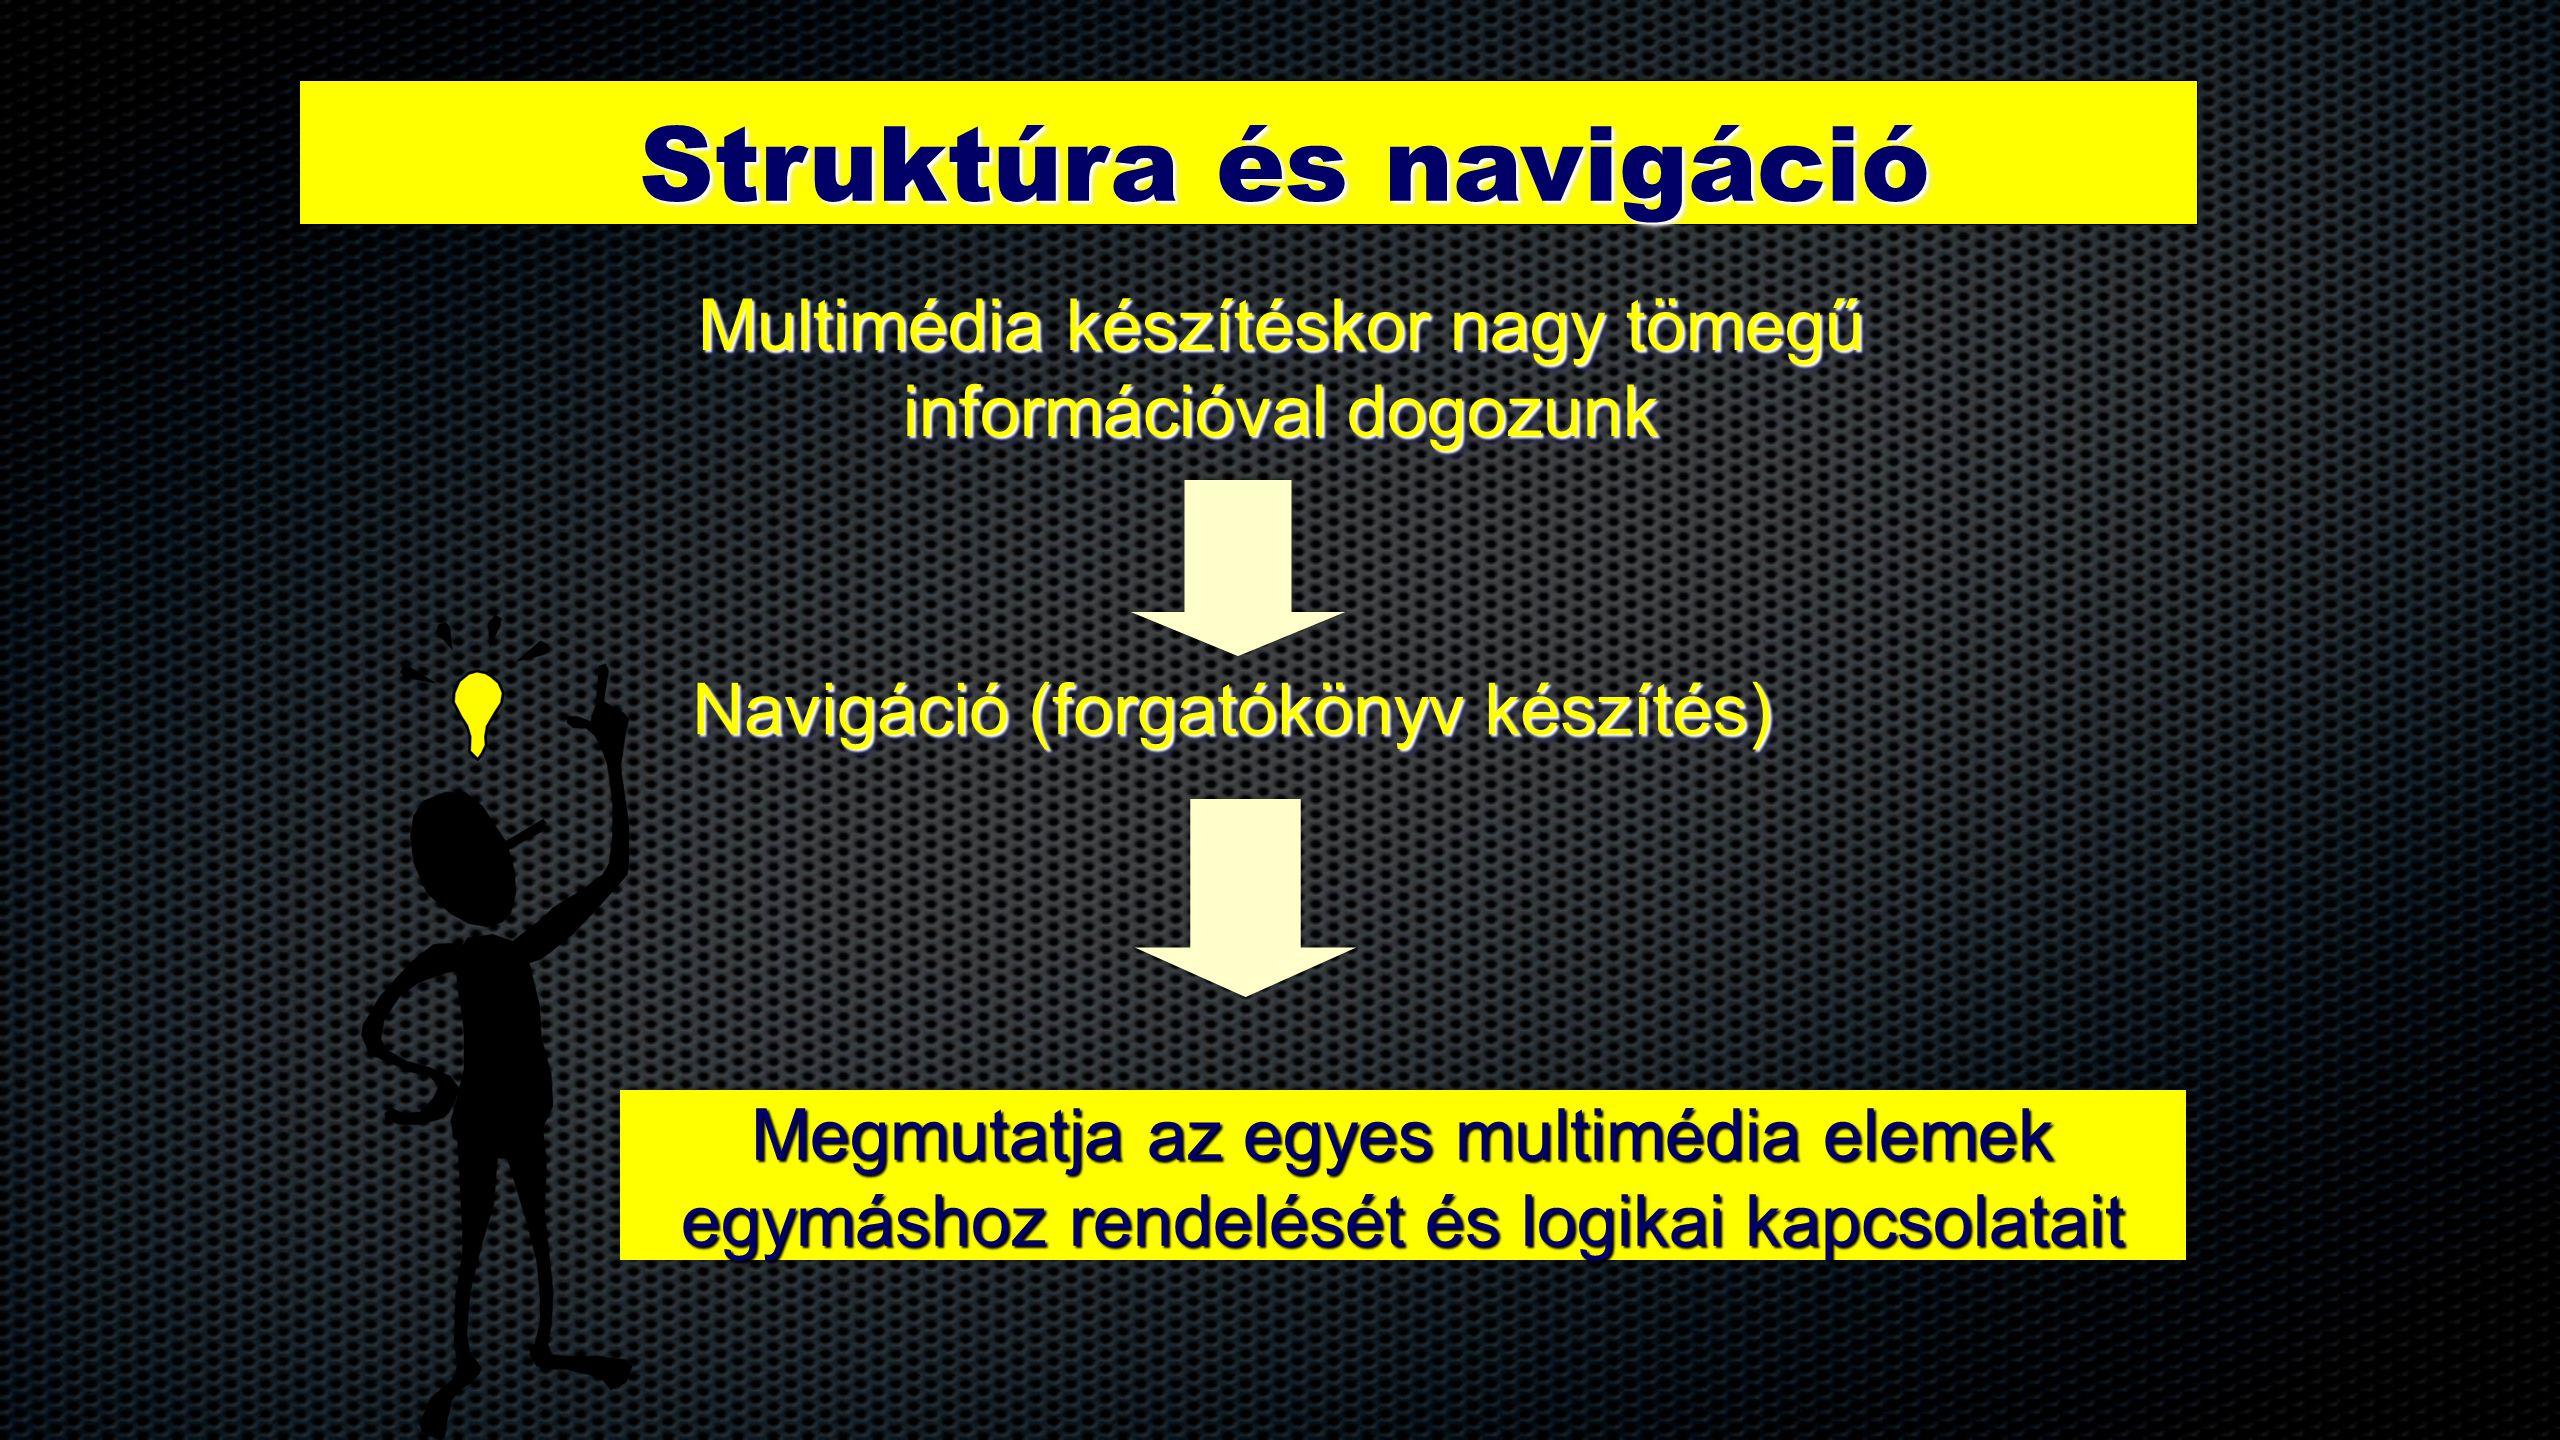 Struktúra és navigáció Multimédia készítéskor nagy tömegű információval dogozunk Multimédia készítéskor nagy tömegű információval dogozunk Navigáció (forgatókönyv készítés) Megmutatja az egyes multimédia elemek egymáshoz rendelését és logikai kapcsolatait Megmutatja az egyes multimédia elemek egymáshoz rendelését és logikai kapcsolatait